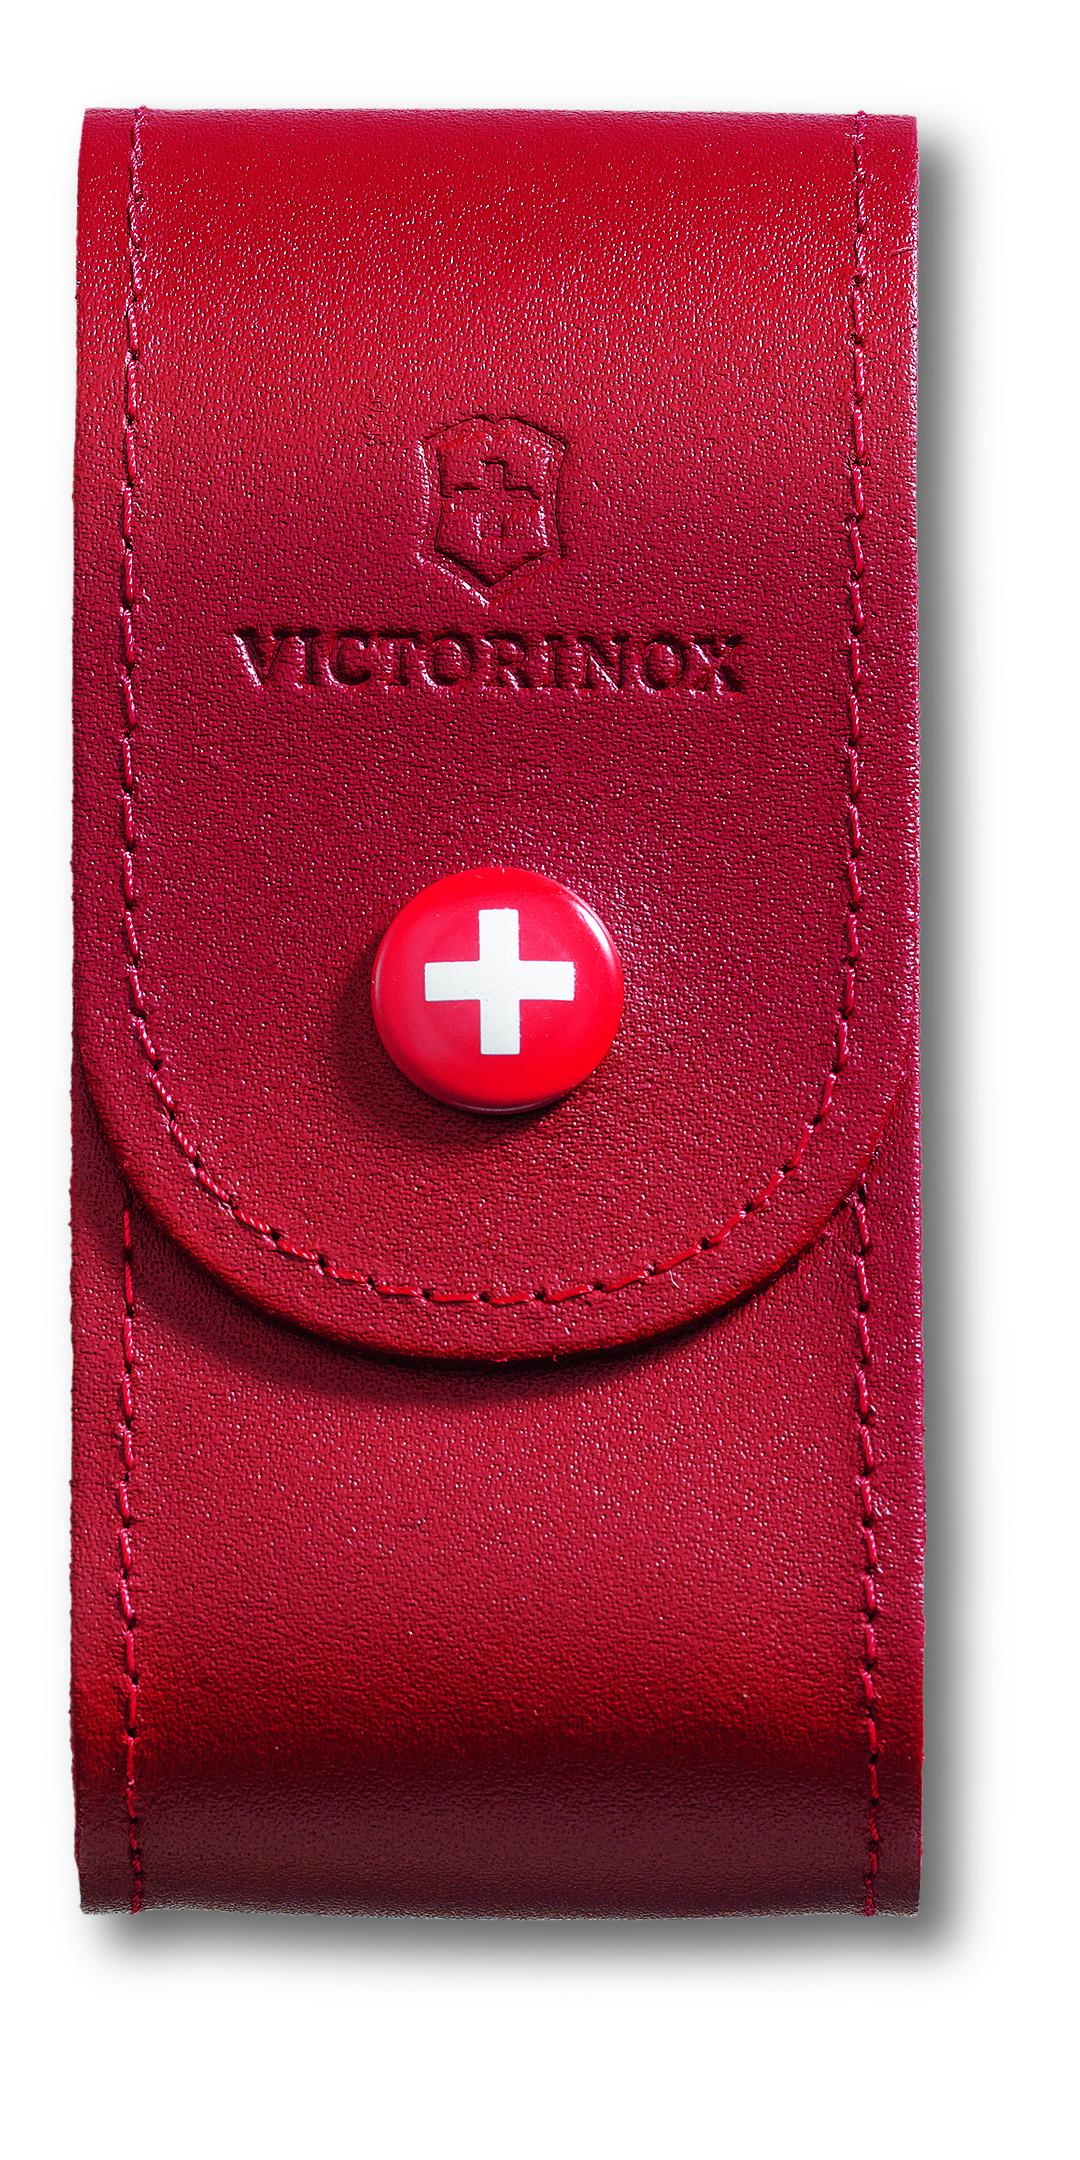 Чехол для ножей Victorinox, на ремень, цвет: красный, 10 см х 5 см